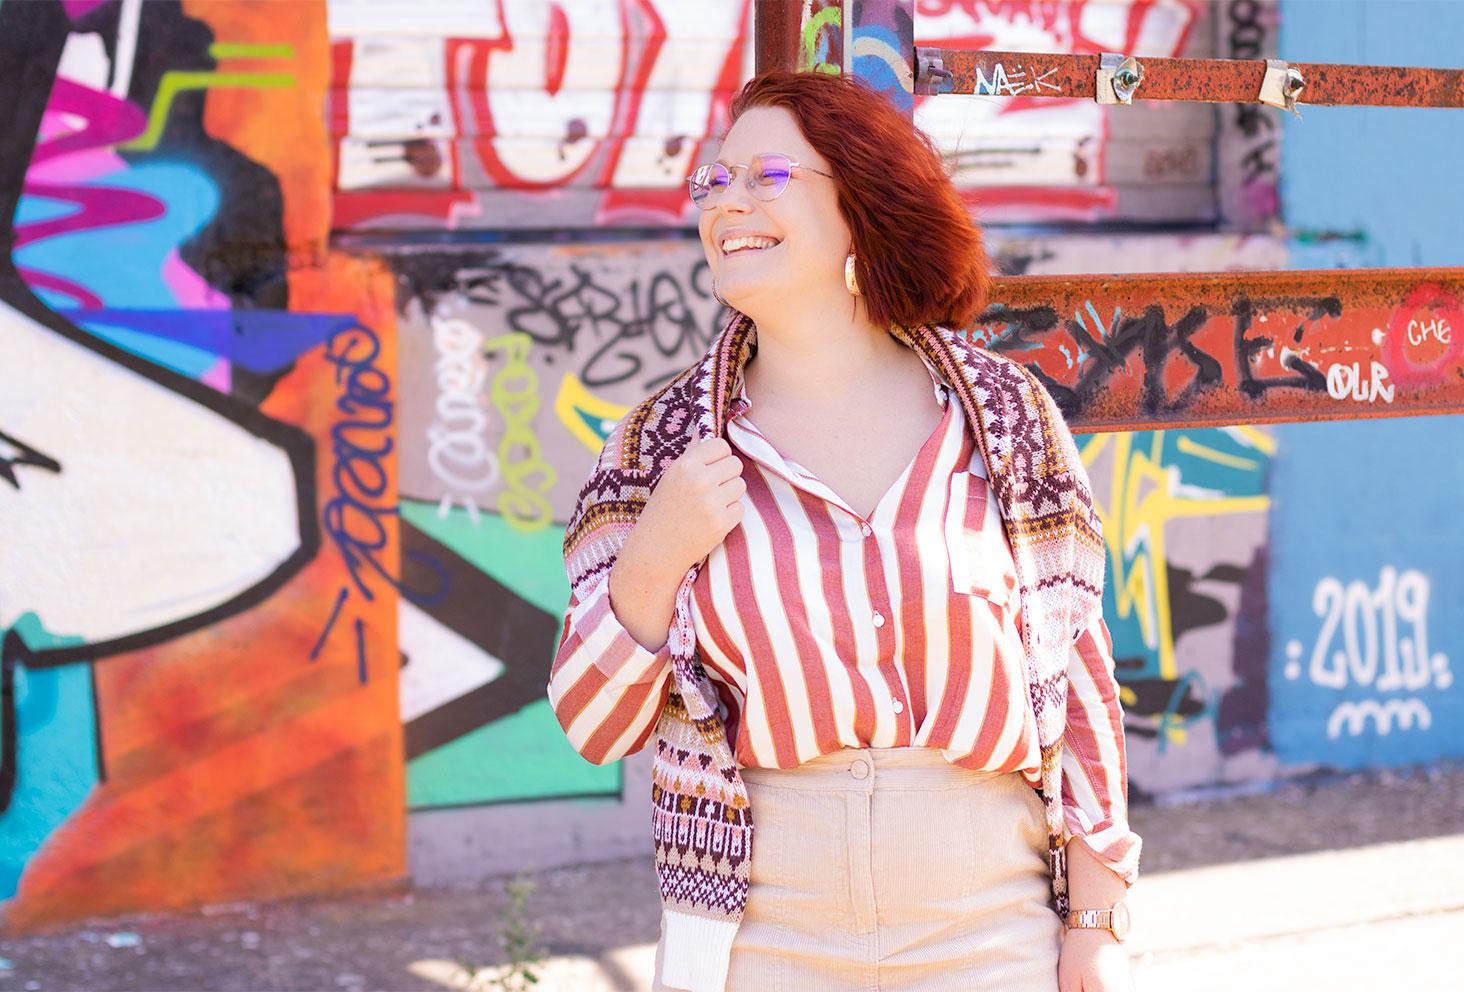 Devant un mur de graffitis coloré en total look bizzbee, de profil avec le sourire